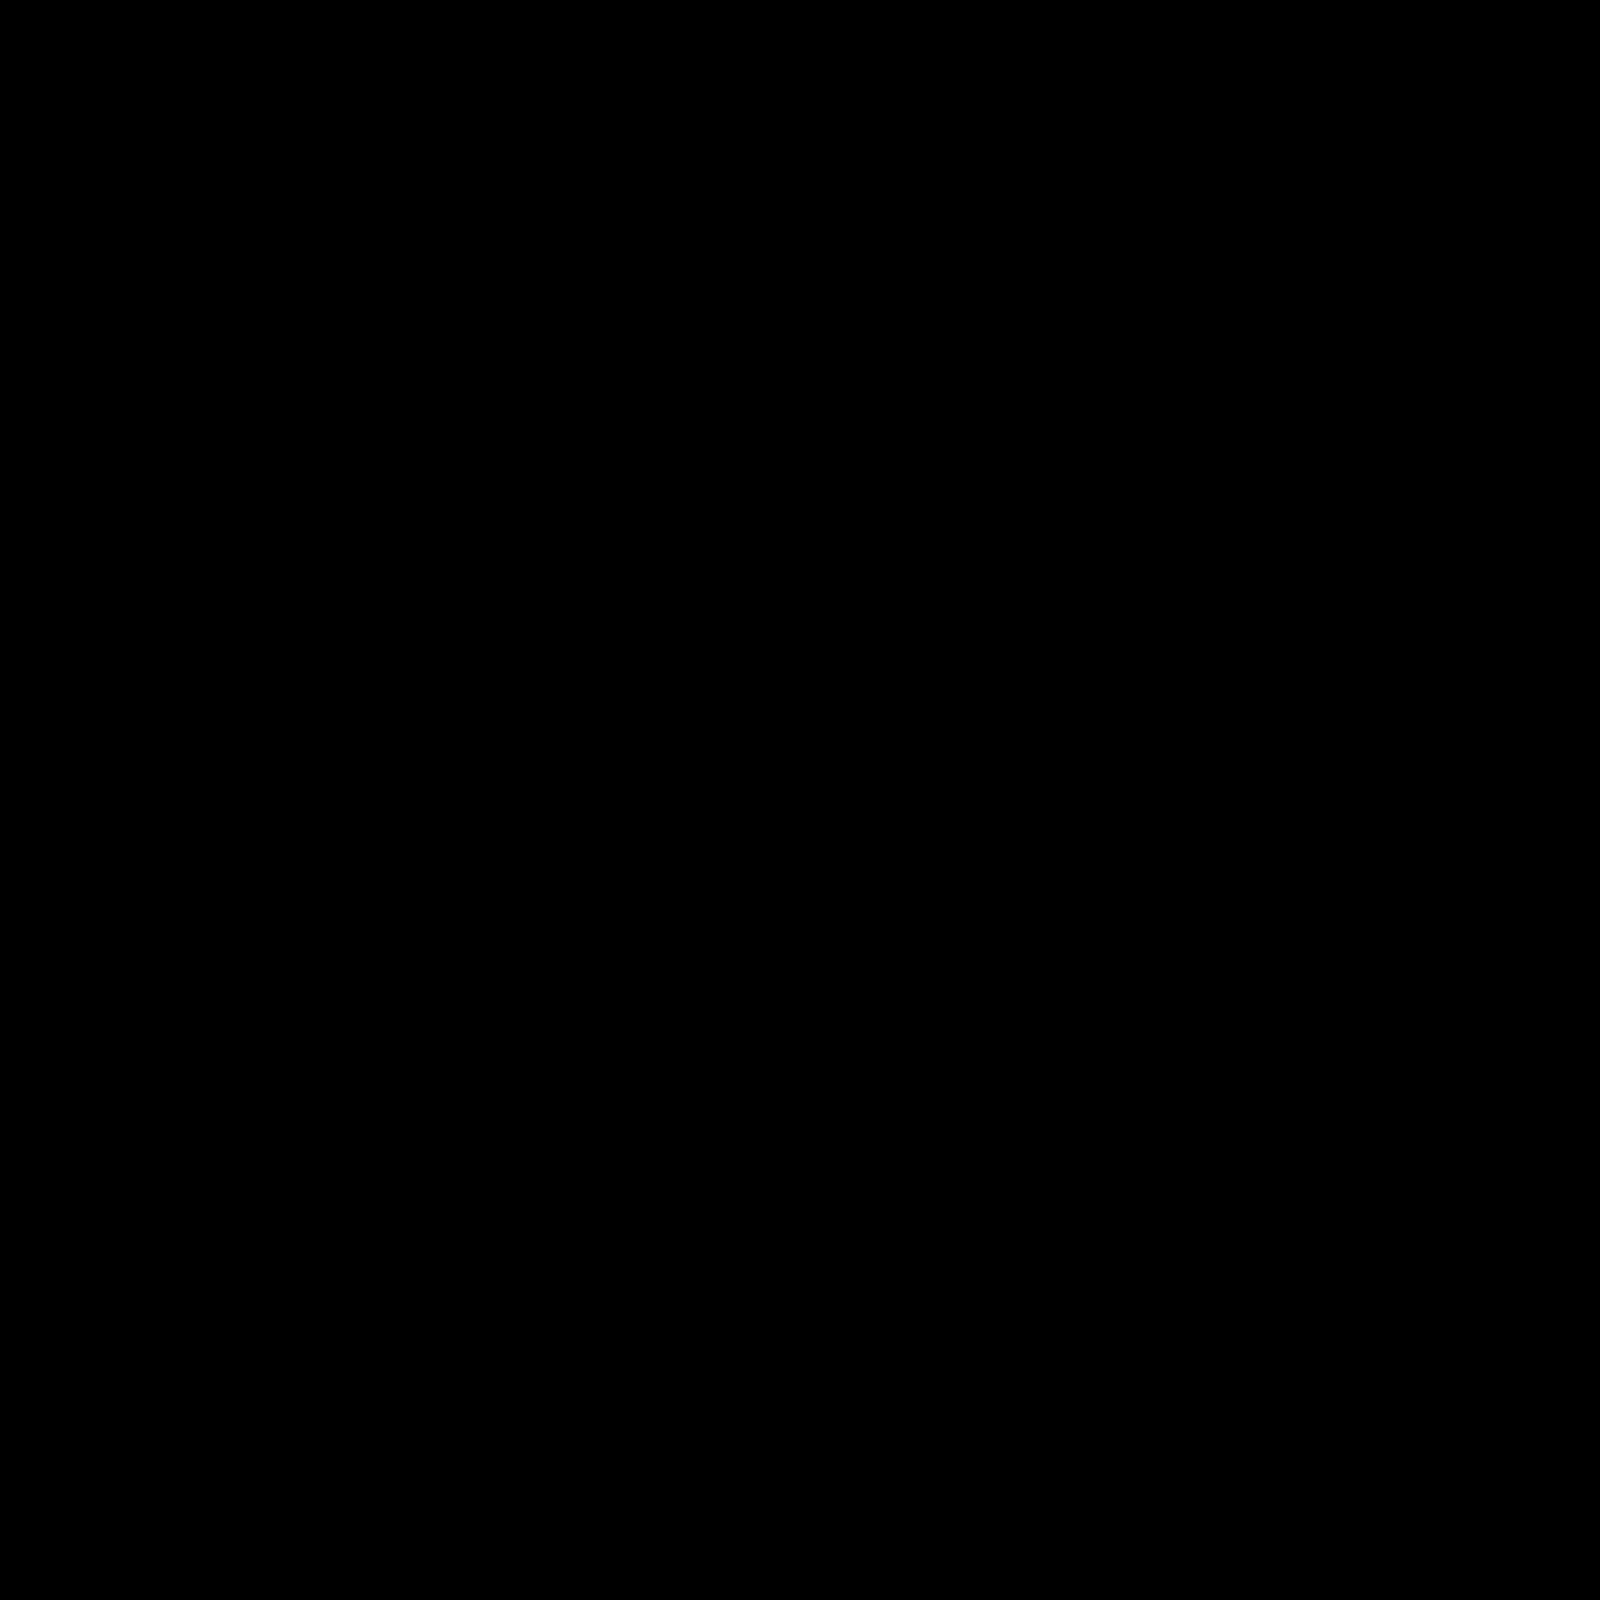 Hochet icon